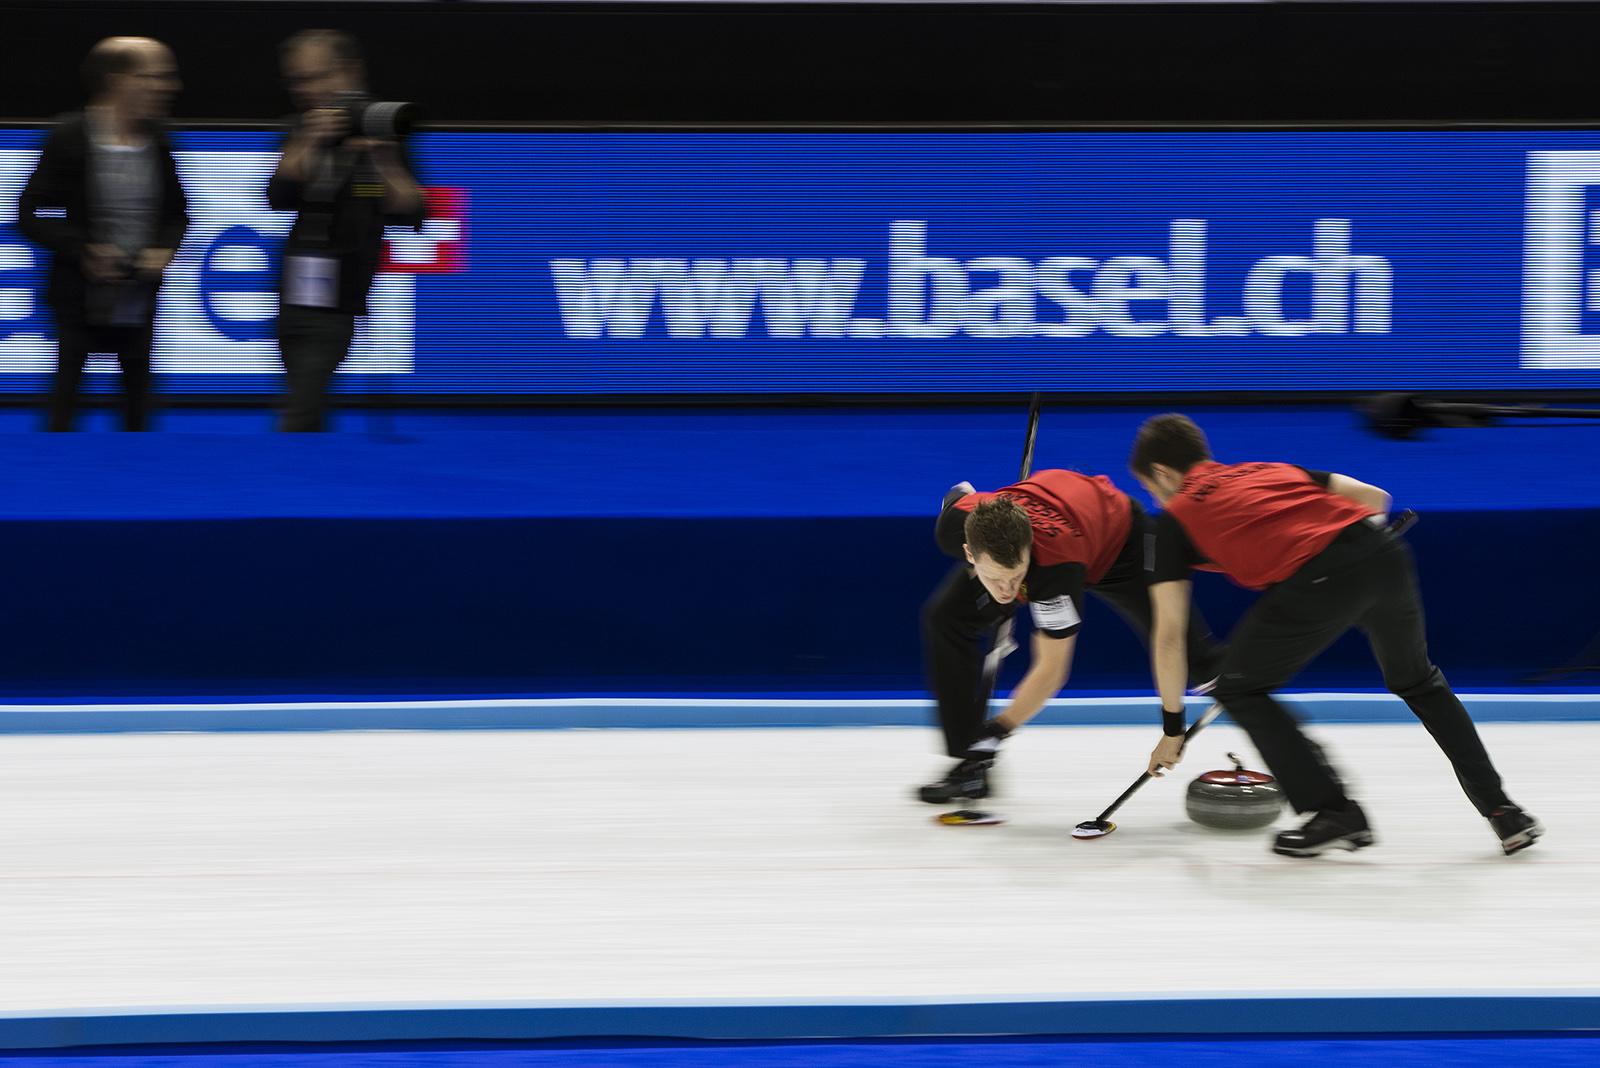 Zwei Curling-Spieler auf dem Eis. Nikon D800 mit 210mm bei 1/8s und Blende 8, ISO400. © Guy Goetzinger